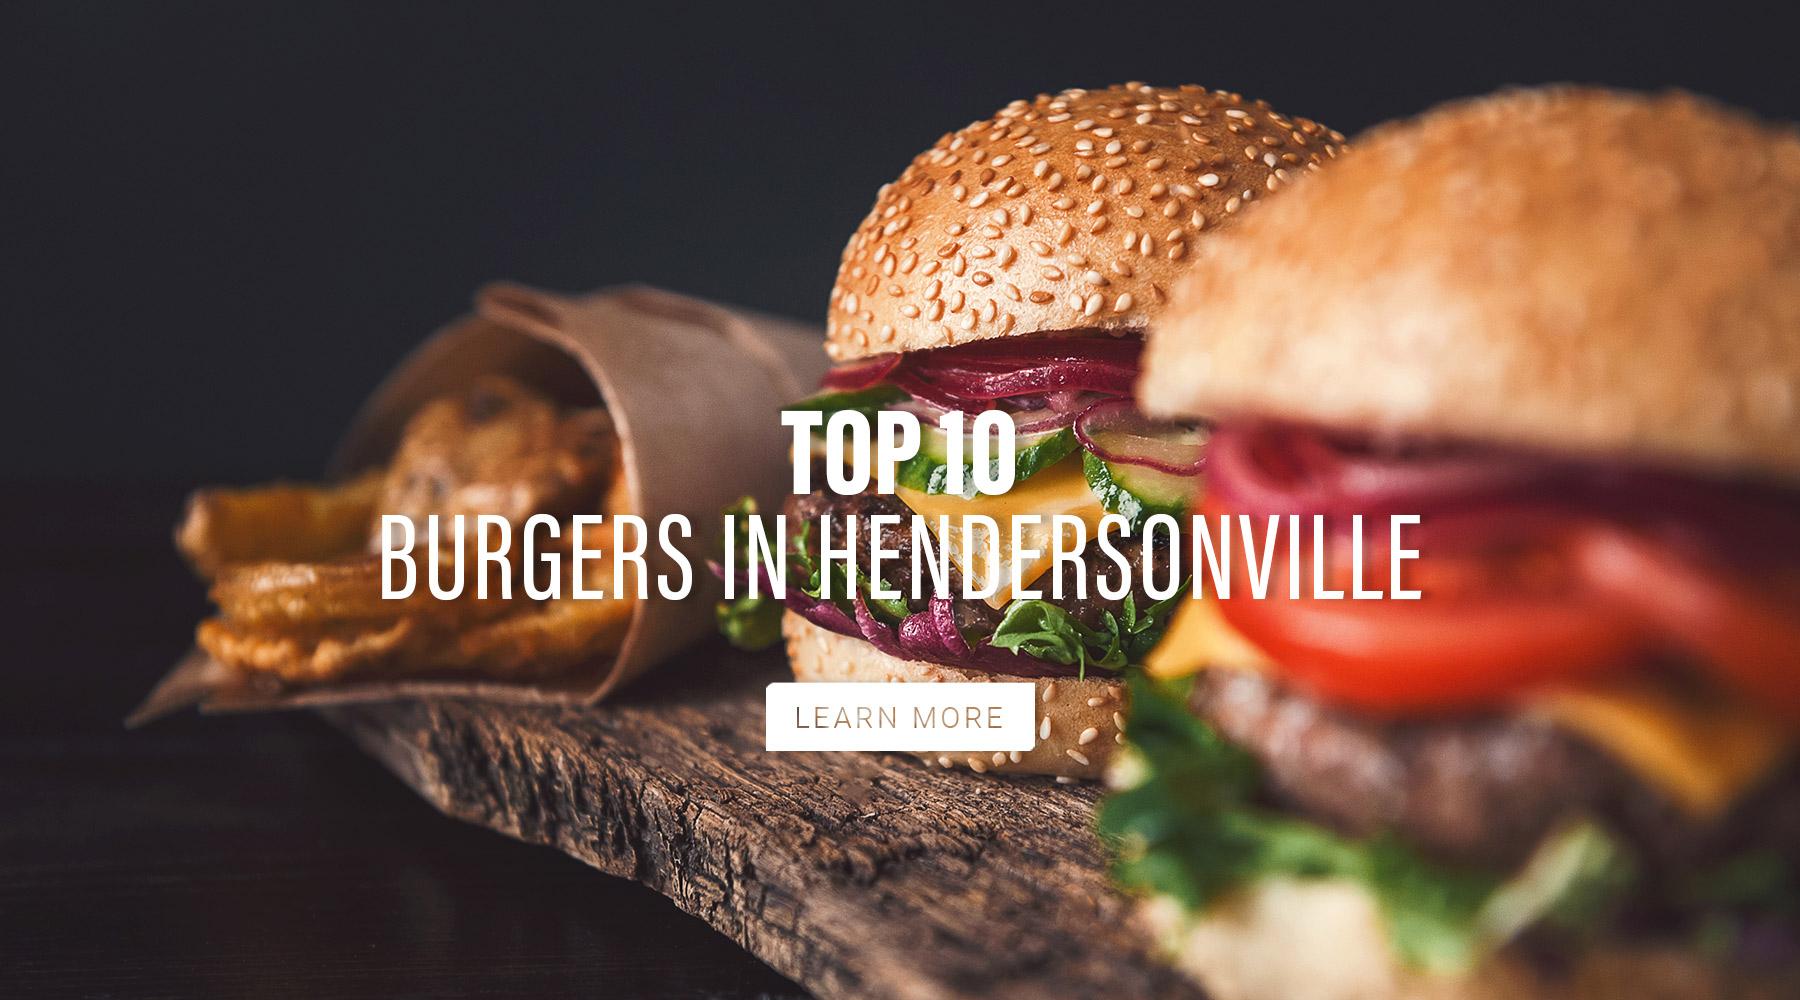 Hendersonville-10-burgers